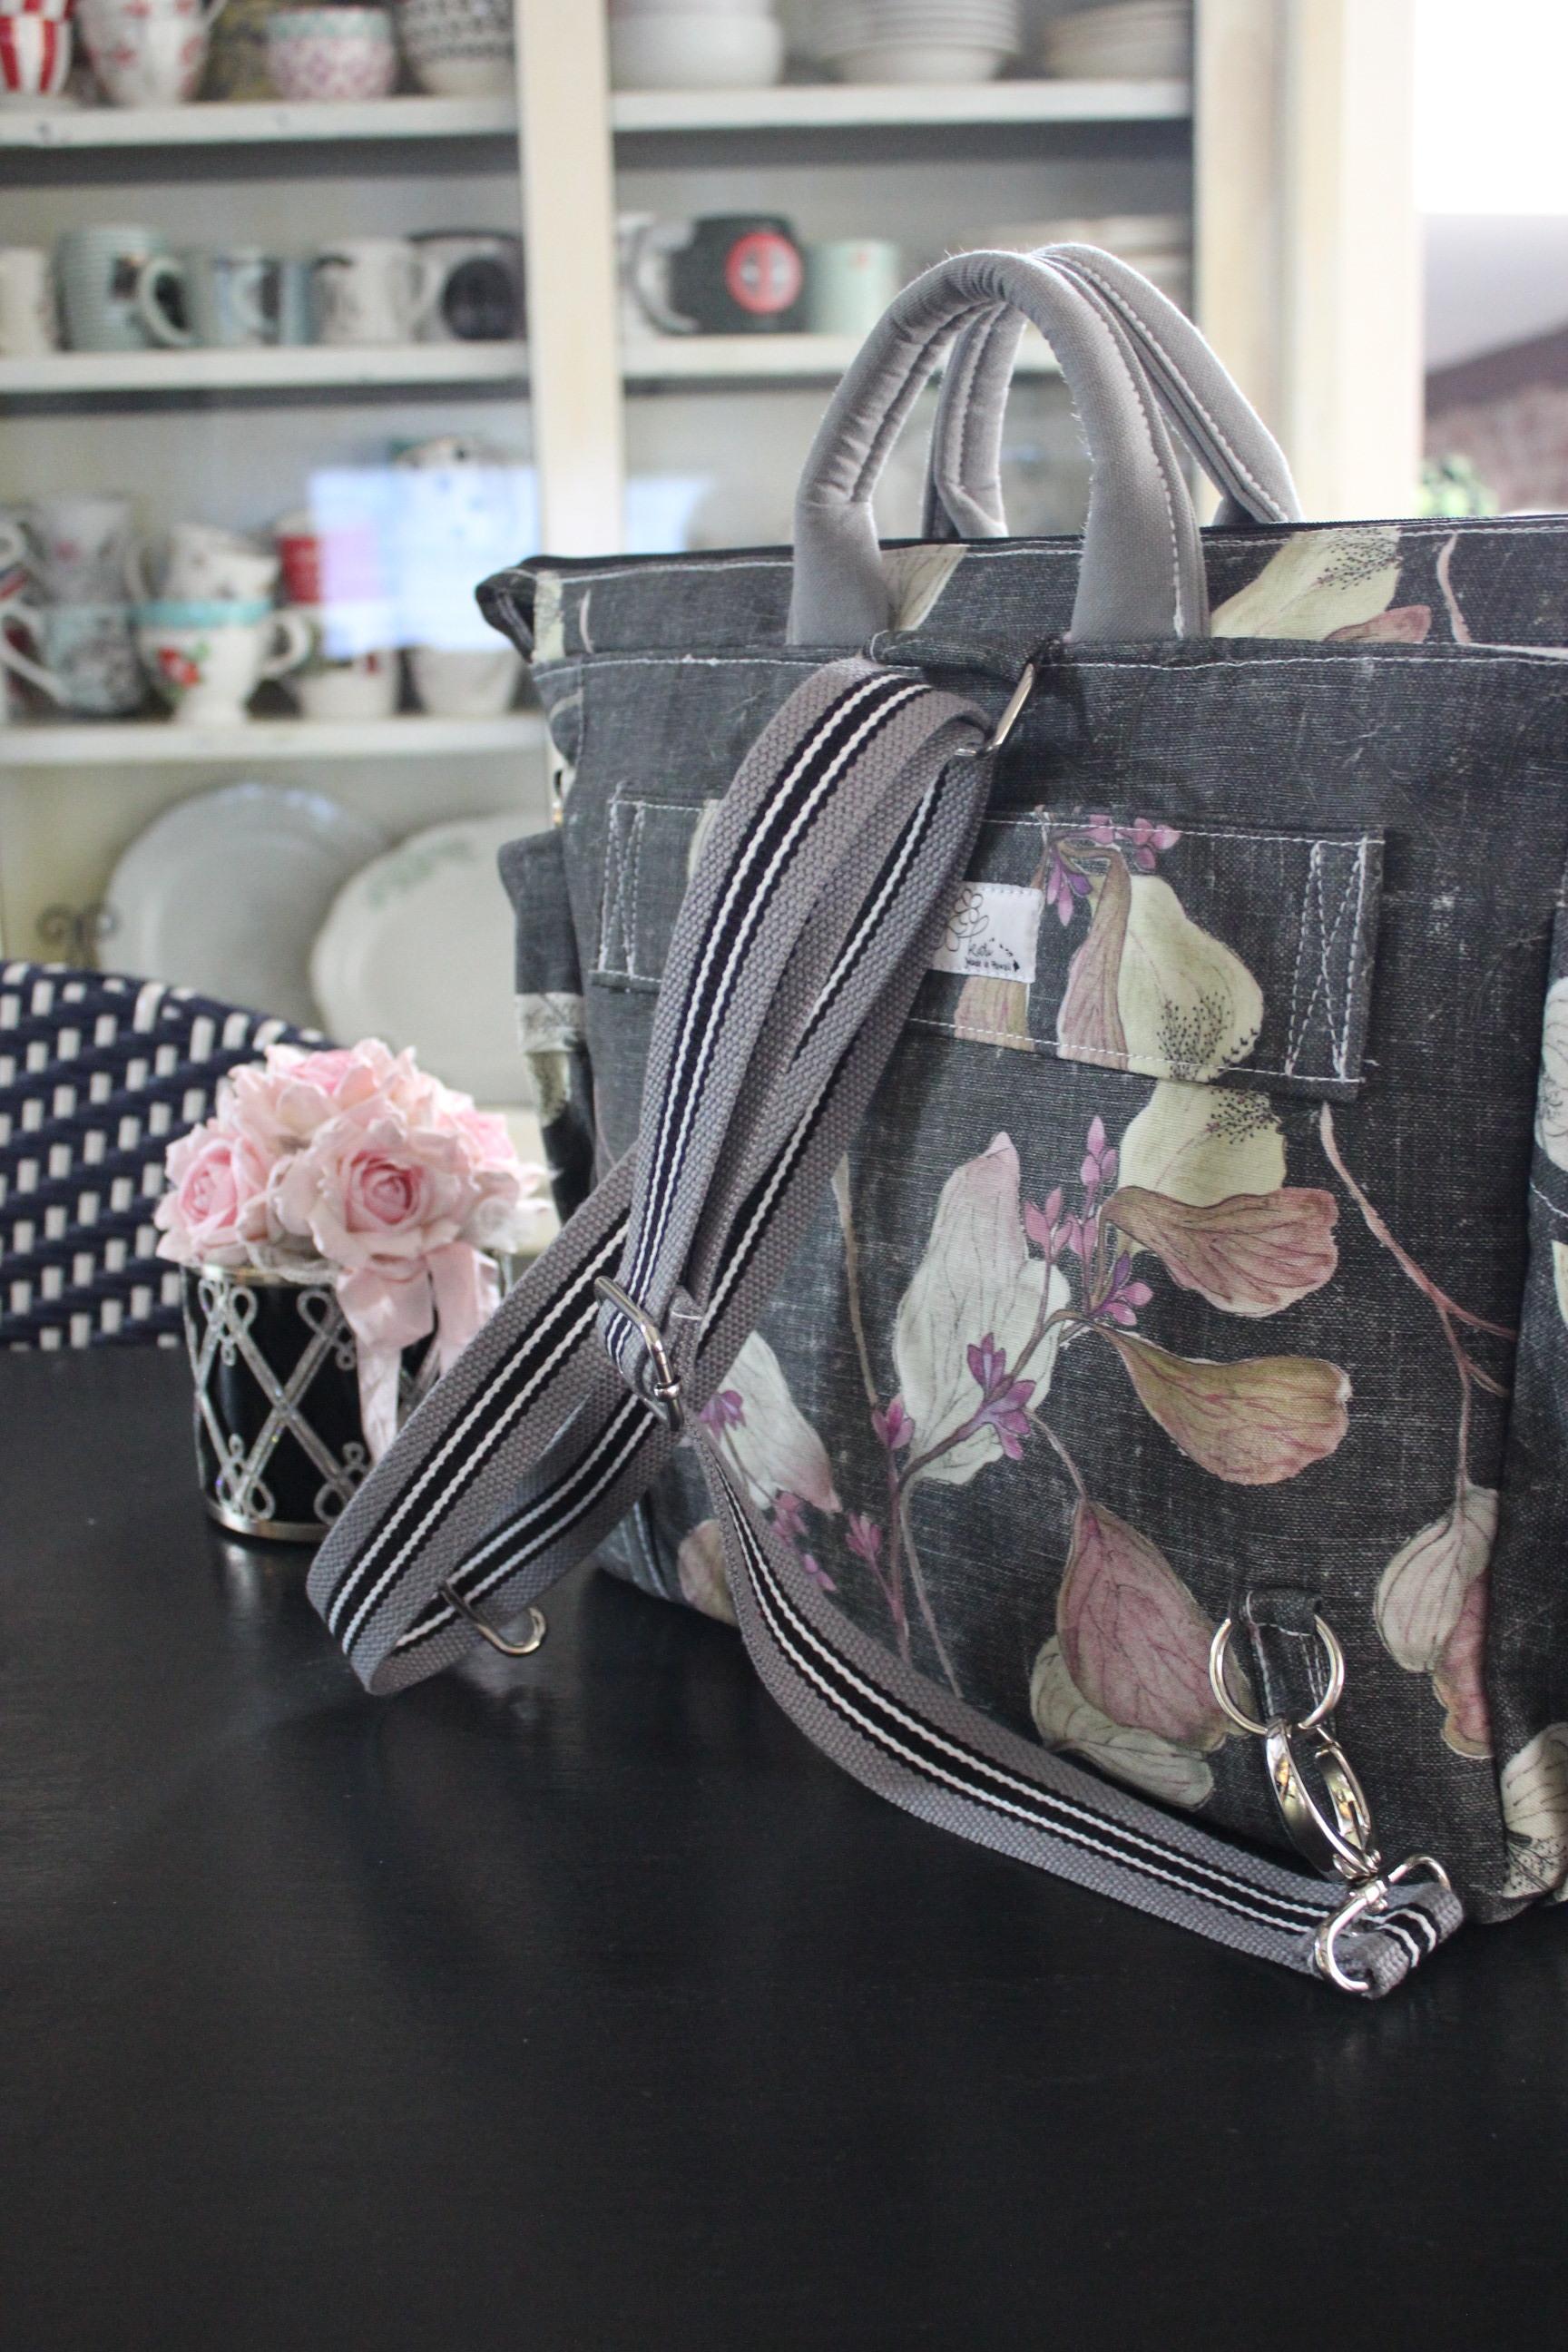 Backpacks - satchel/travel bag/luggage secure tab